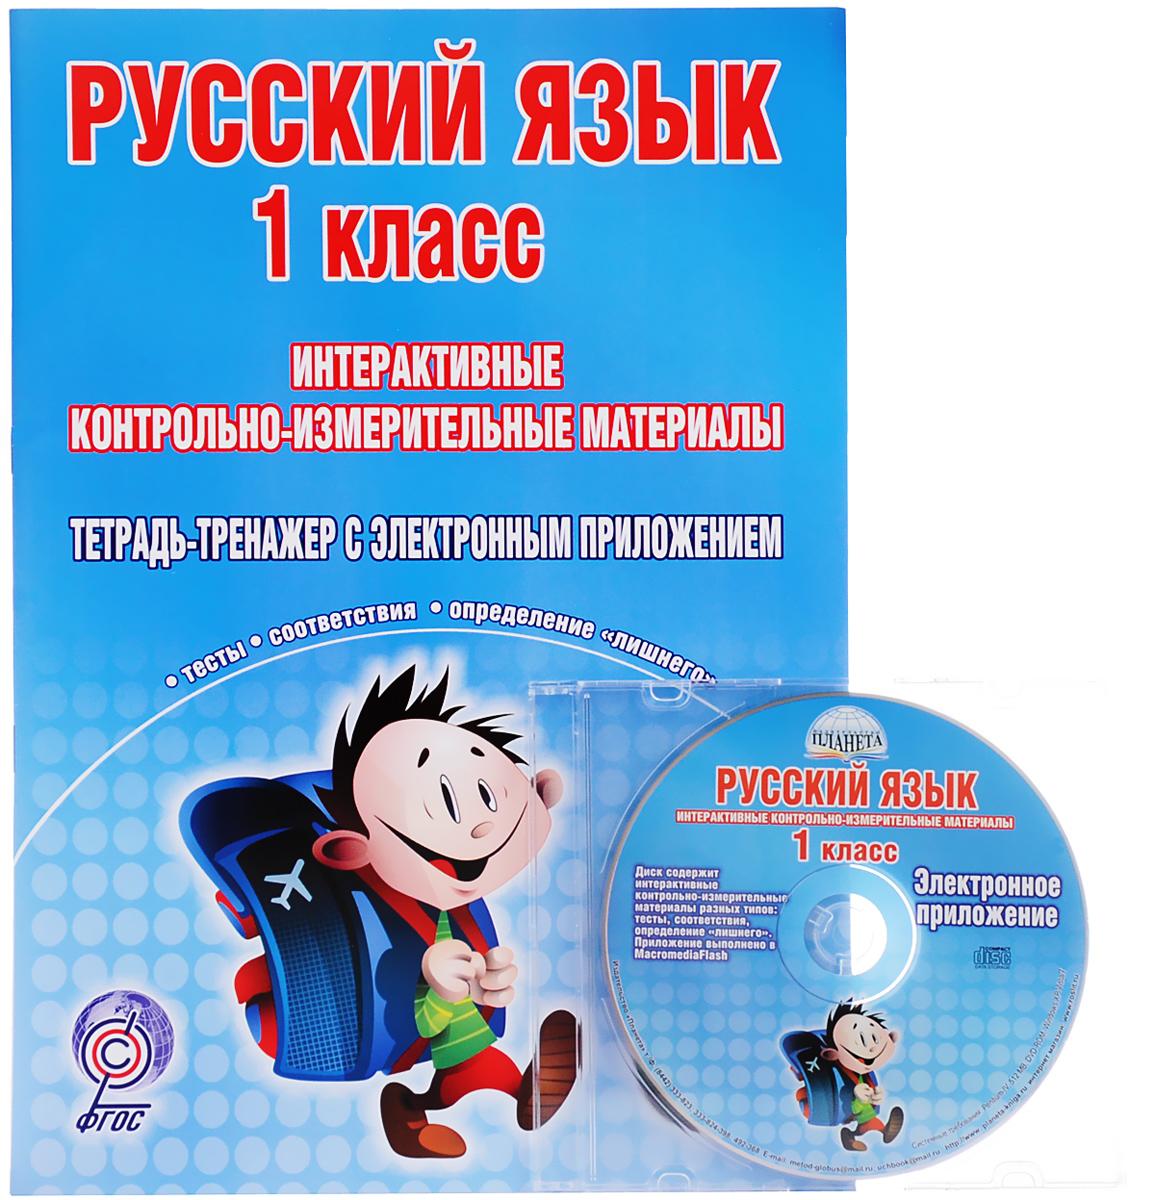 Русский язык. 1 класс. Интерактивные контрольно-измерительные материалы. Тетрадь-тренажер с электронным приложением (+ CD-ROM)